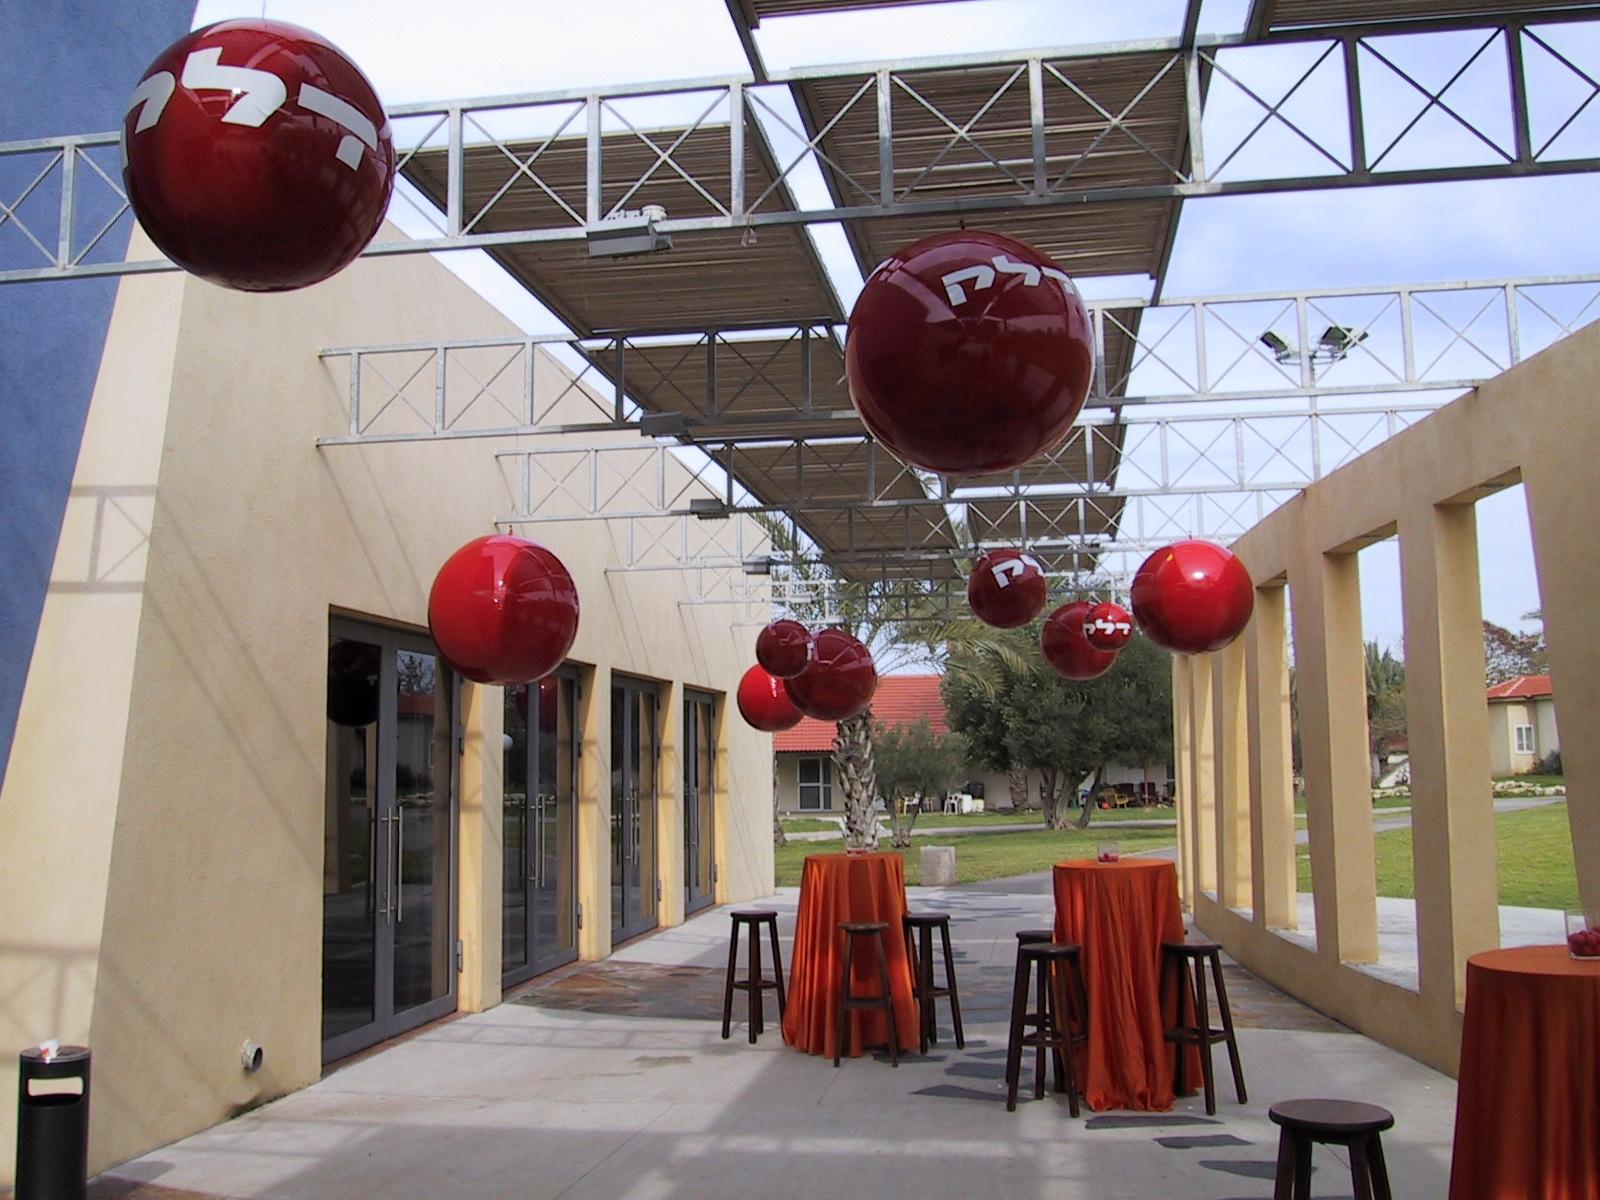 מלון שפיים - אודיטוריום לכנסים ואירועים